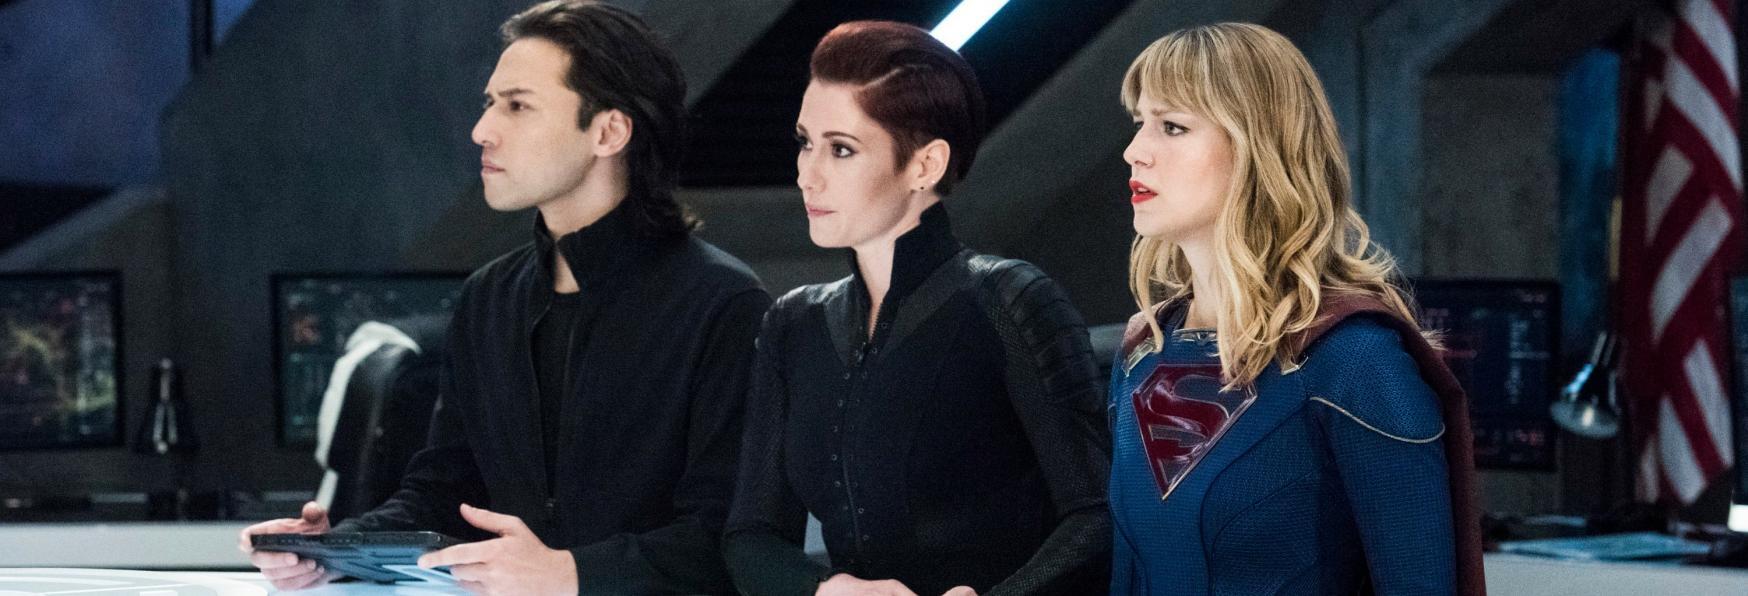 Supergirl 5: un Video Promozionale svela la Data di Ritorno della Serie TV